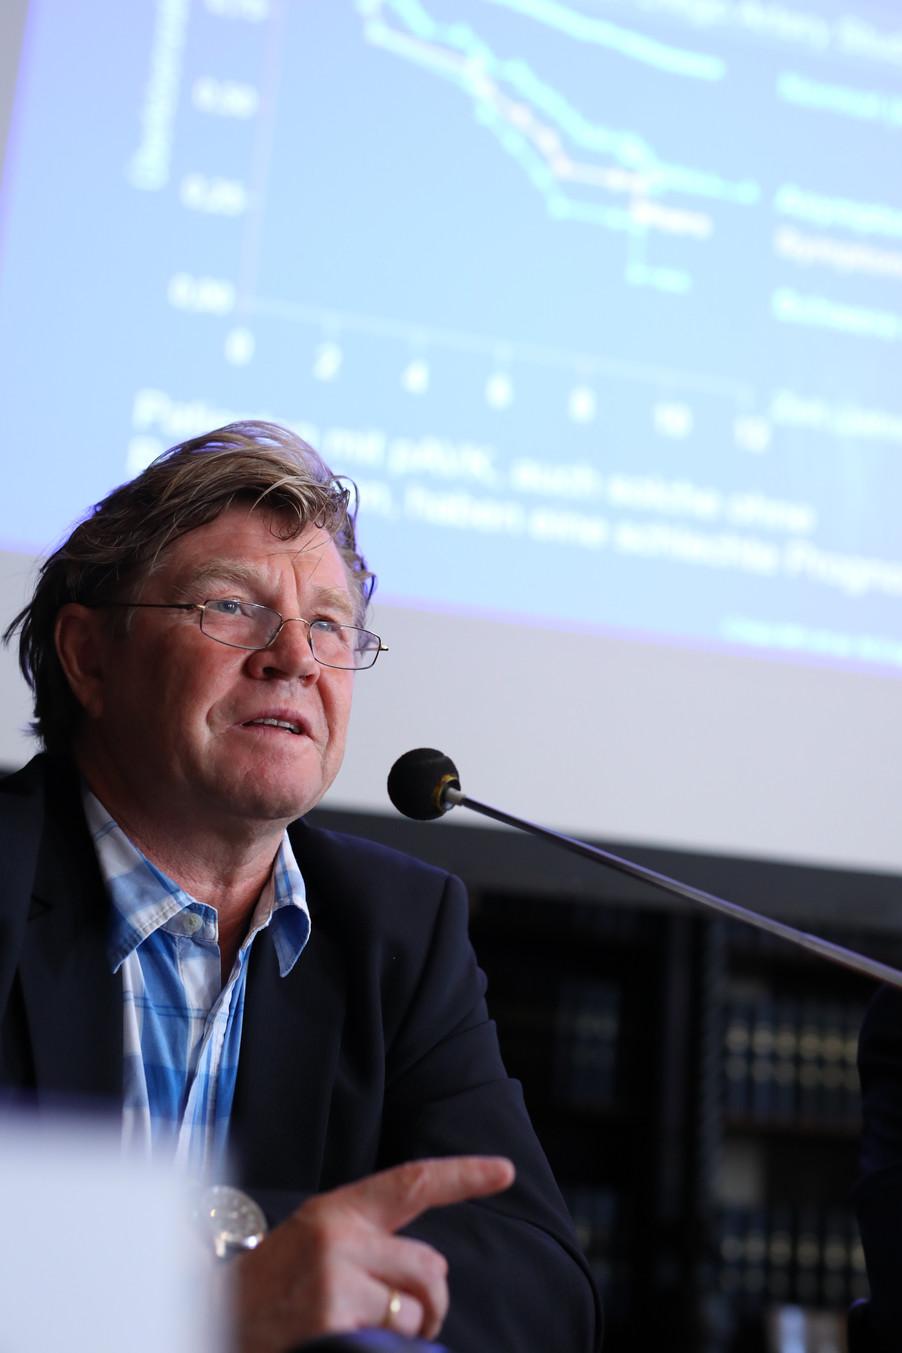 Bild 17 | Unterschätzte Gefahr Schaufensterkrankheit: ÖGIA fordert neue Maßnahmen, um Todesfälle zu ...